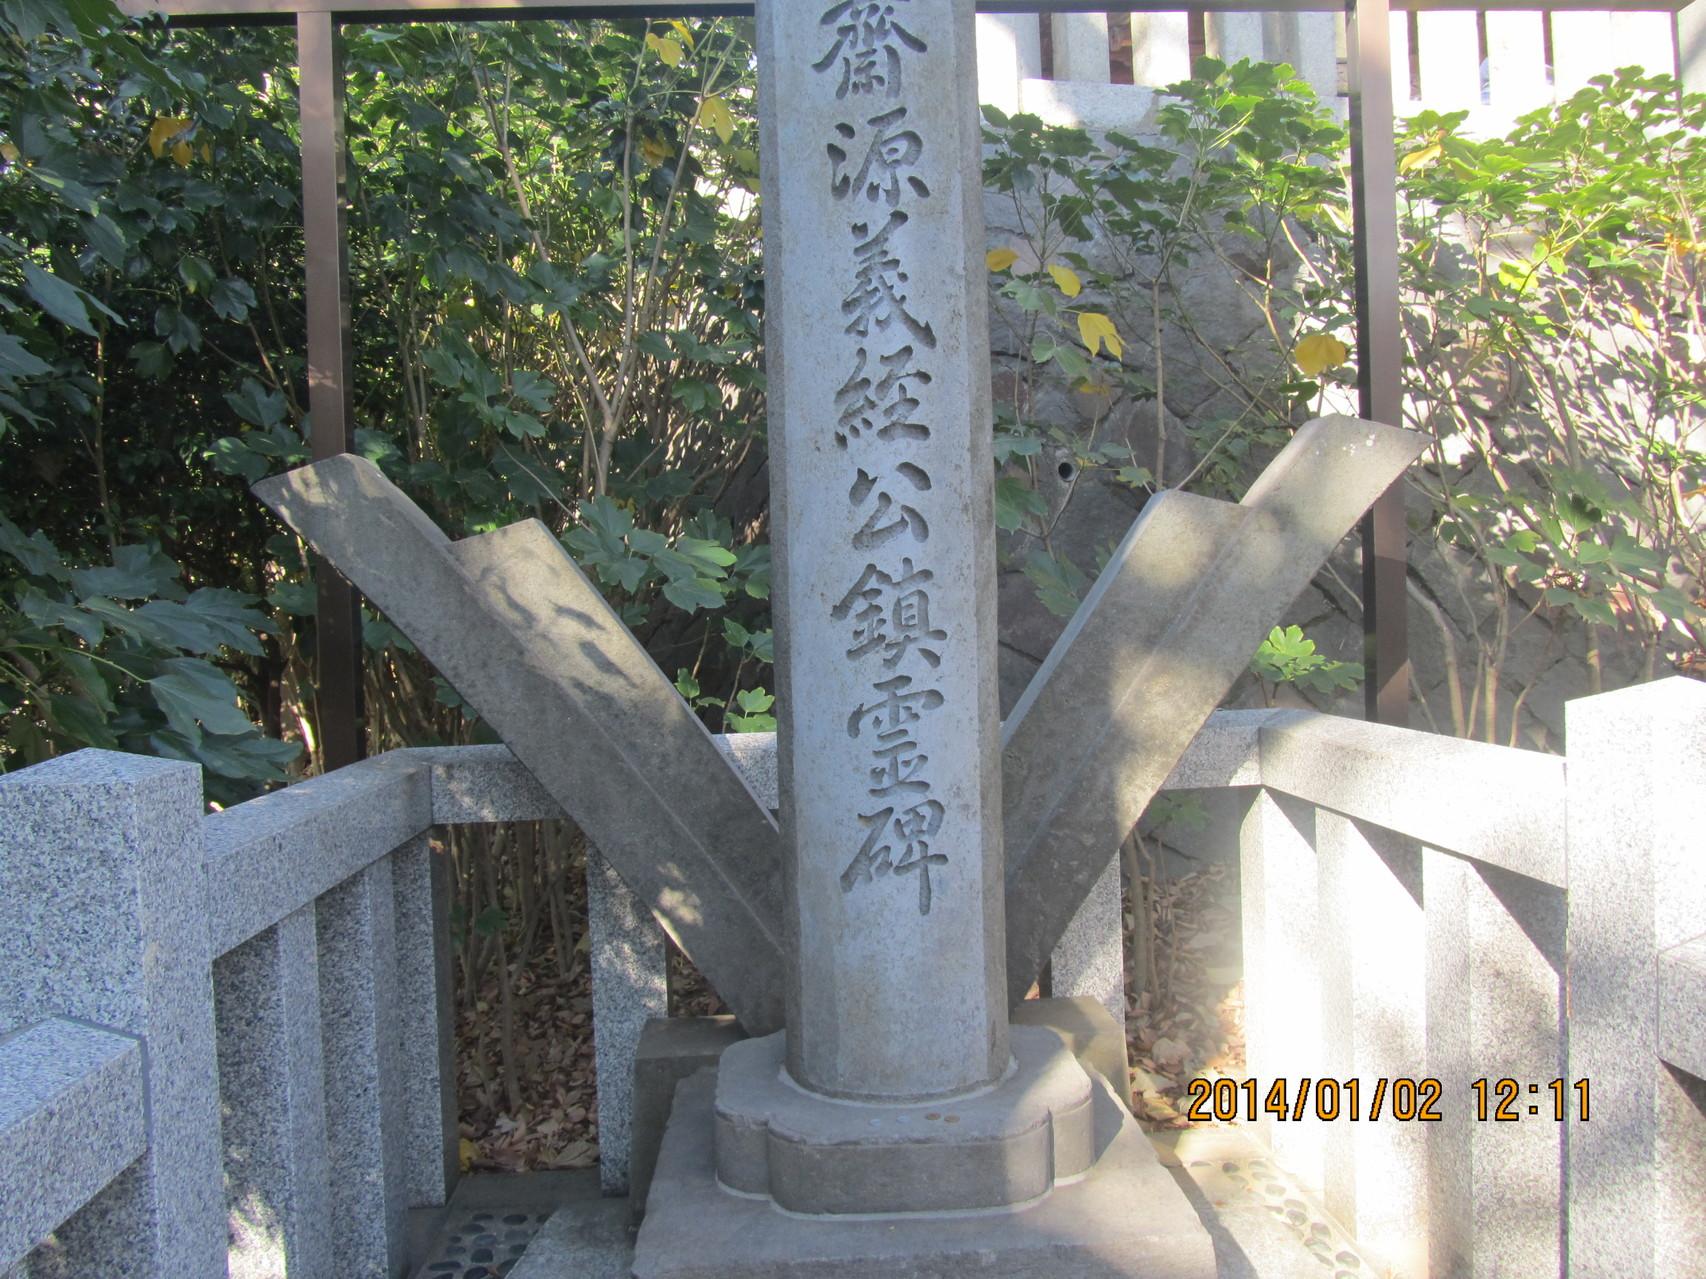 藤沢、白旗神社にある源 義経(みなもとのよしつね)の墓。兜(かぶと)を形容しています。